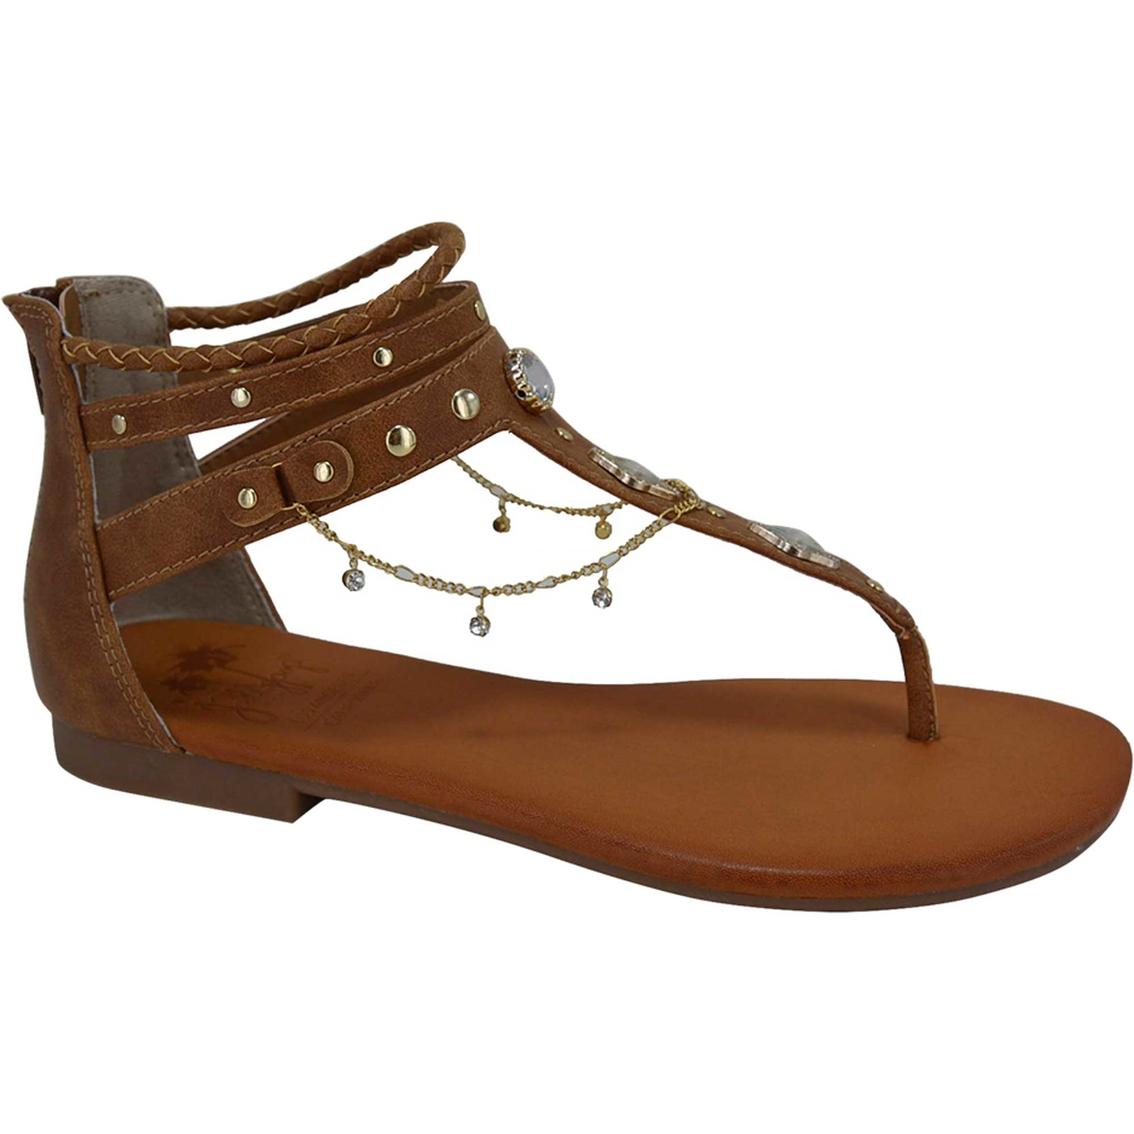 Jellypop Leta Flat Women's Sandals   Flats   Shoes   Shop The Exchange